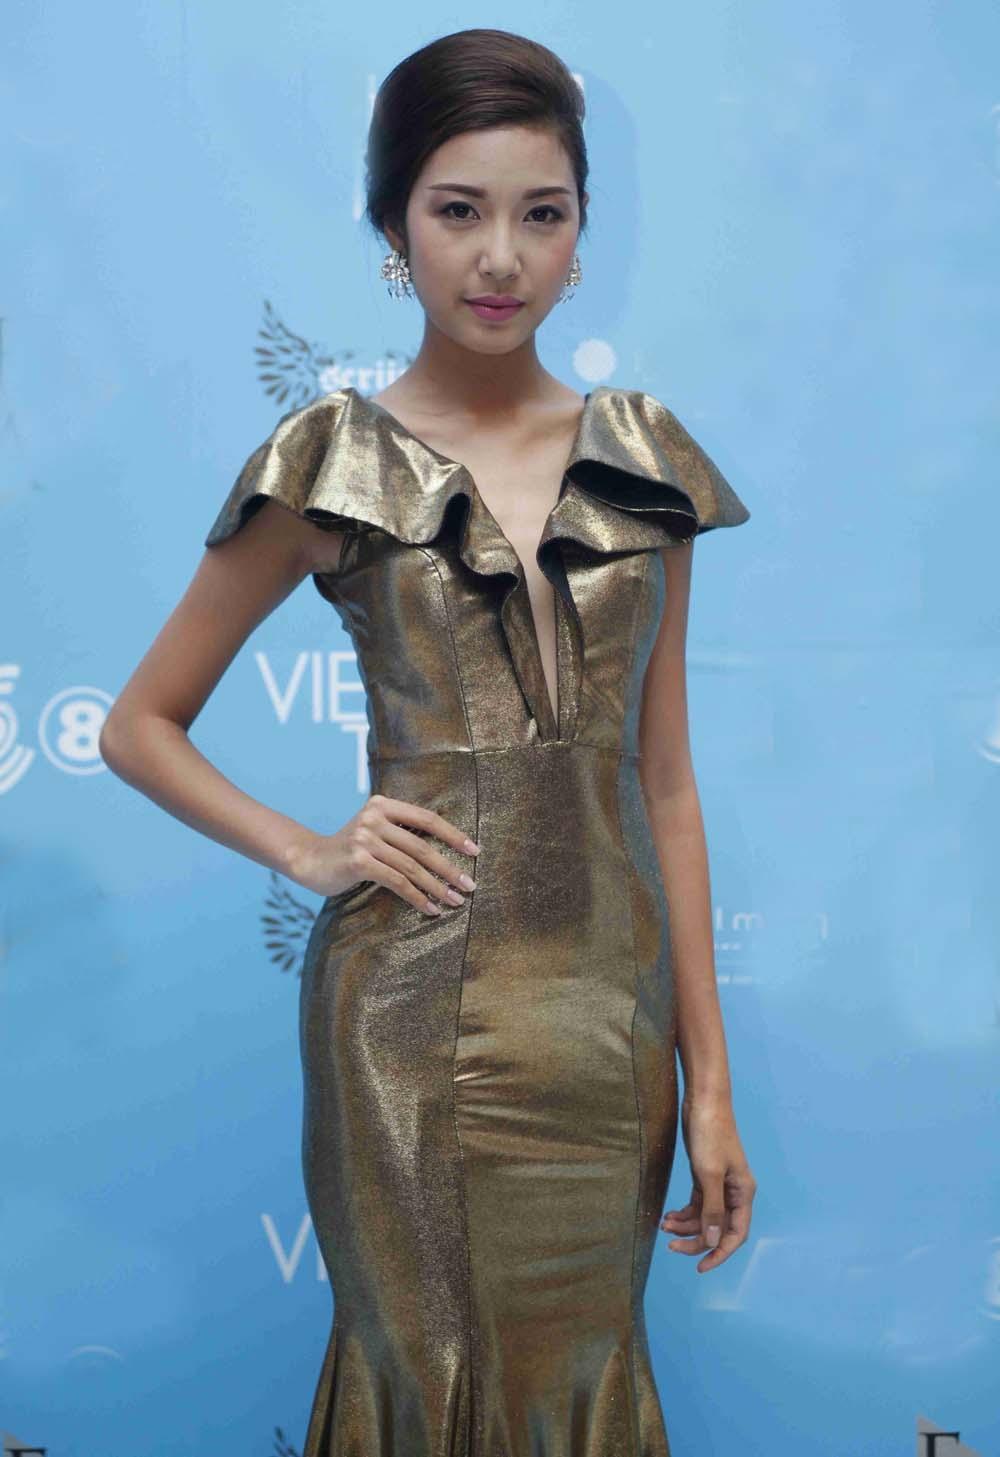 Hoa khôi áo dài Thụy Vân làm MC chương trình